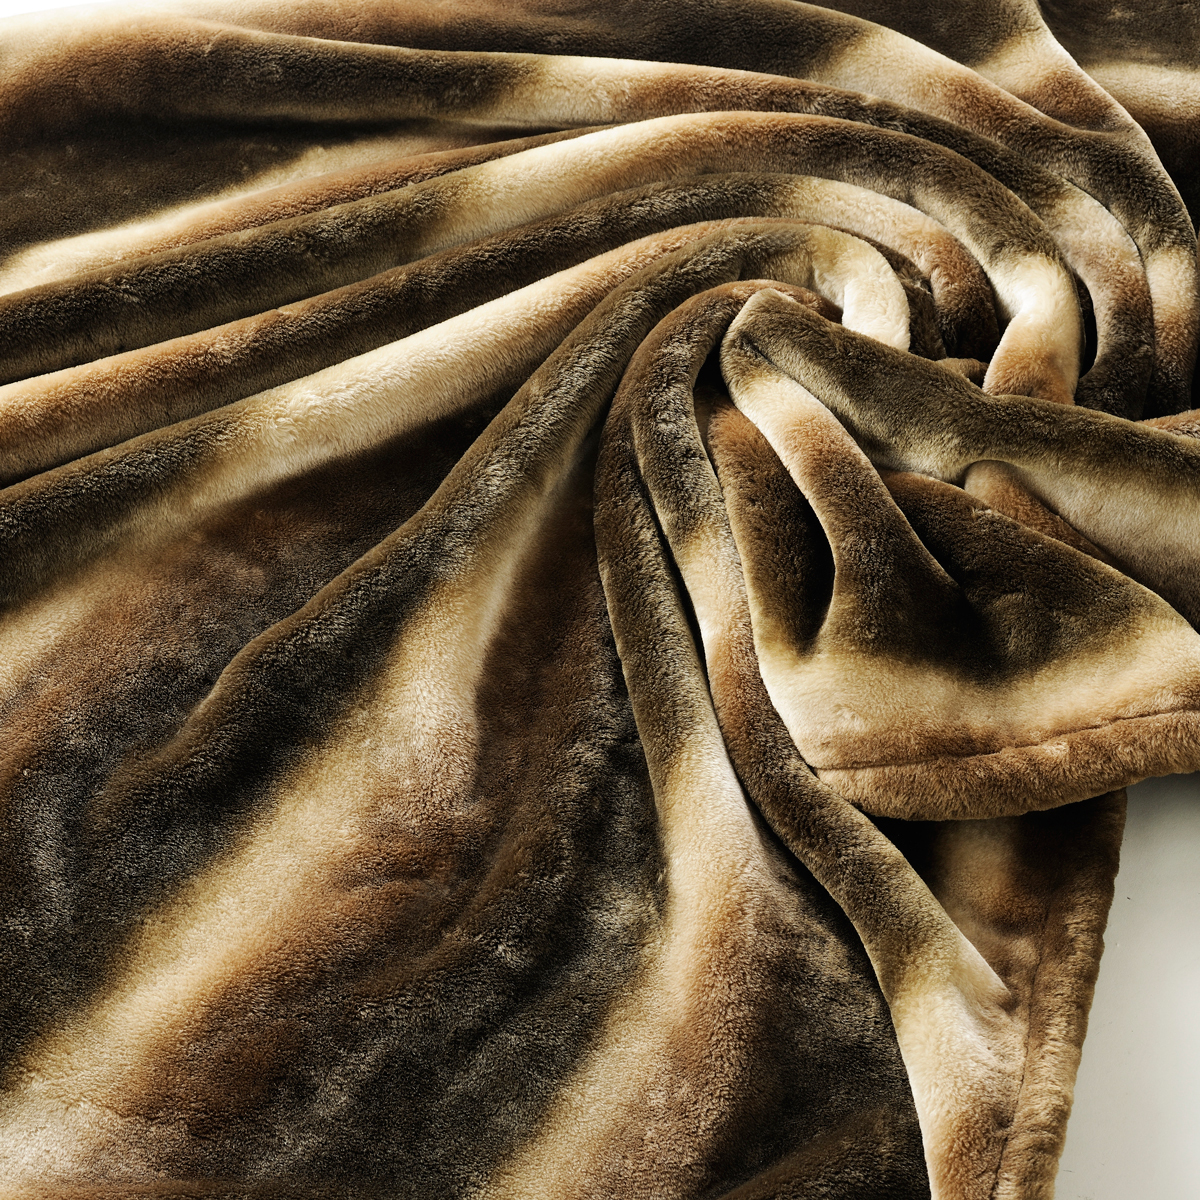 寝心地がまるで違う「毛布」|《敷毛布/シングル》暖かさはもう当たり前、軽さとなめらかさも実現した「毛布」|CALDONIDO NOTTE